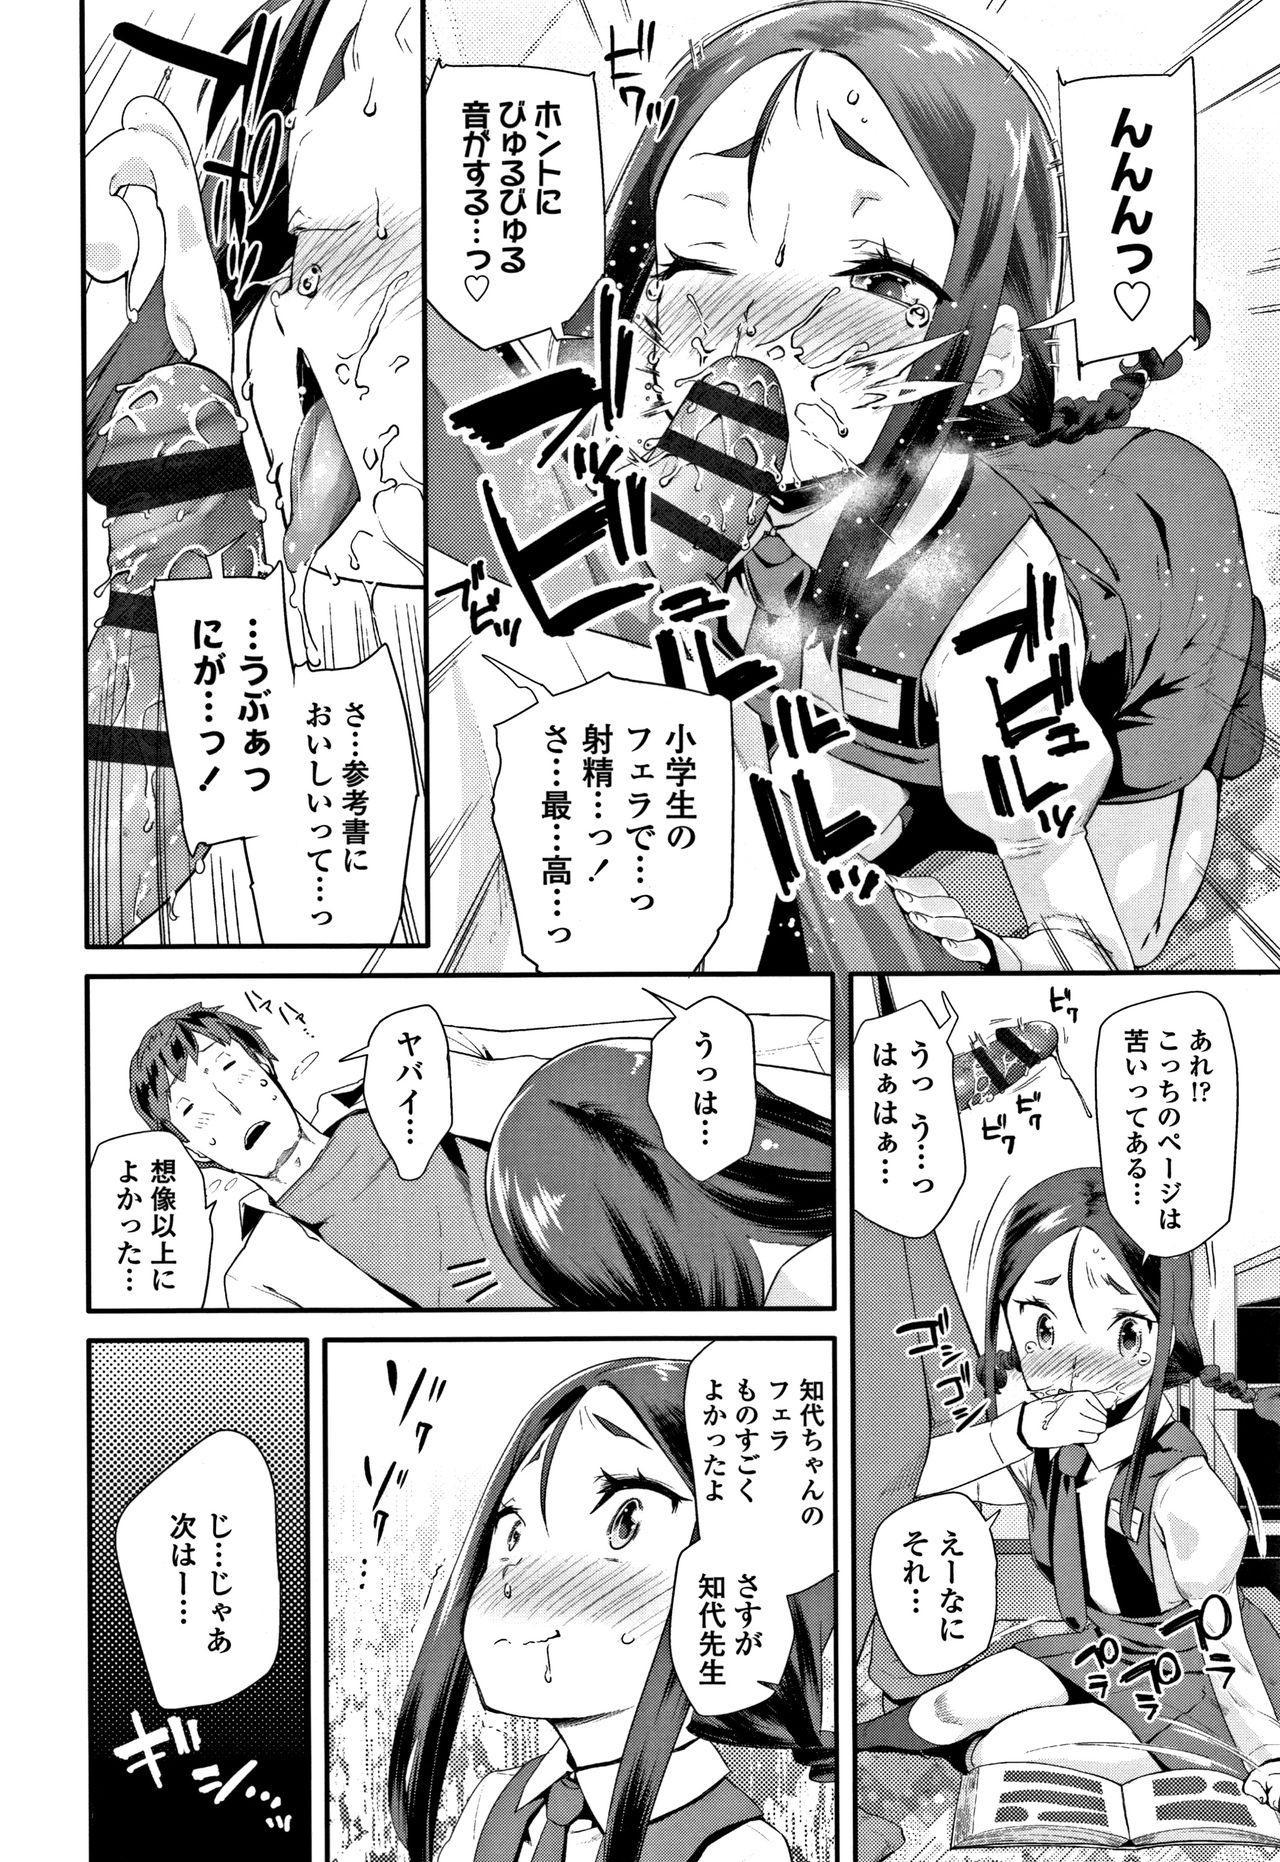 Kirakira Otona Lesson 80